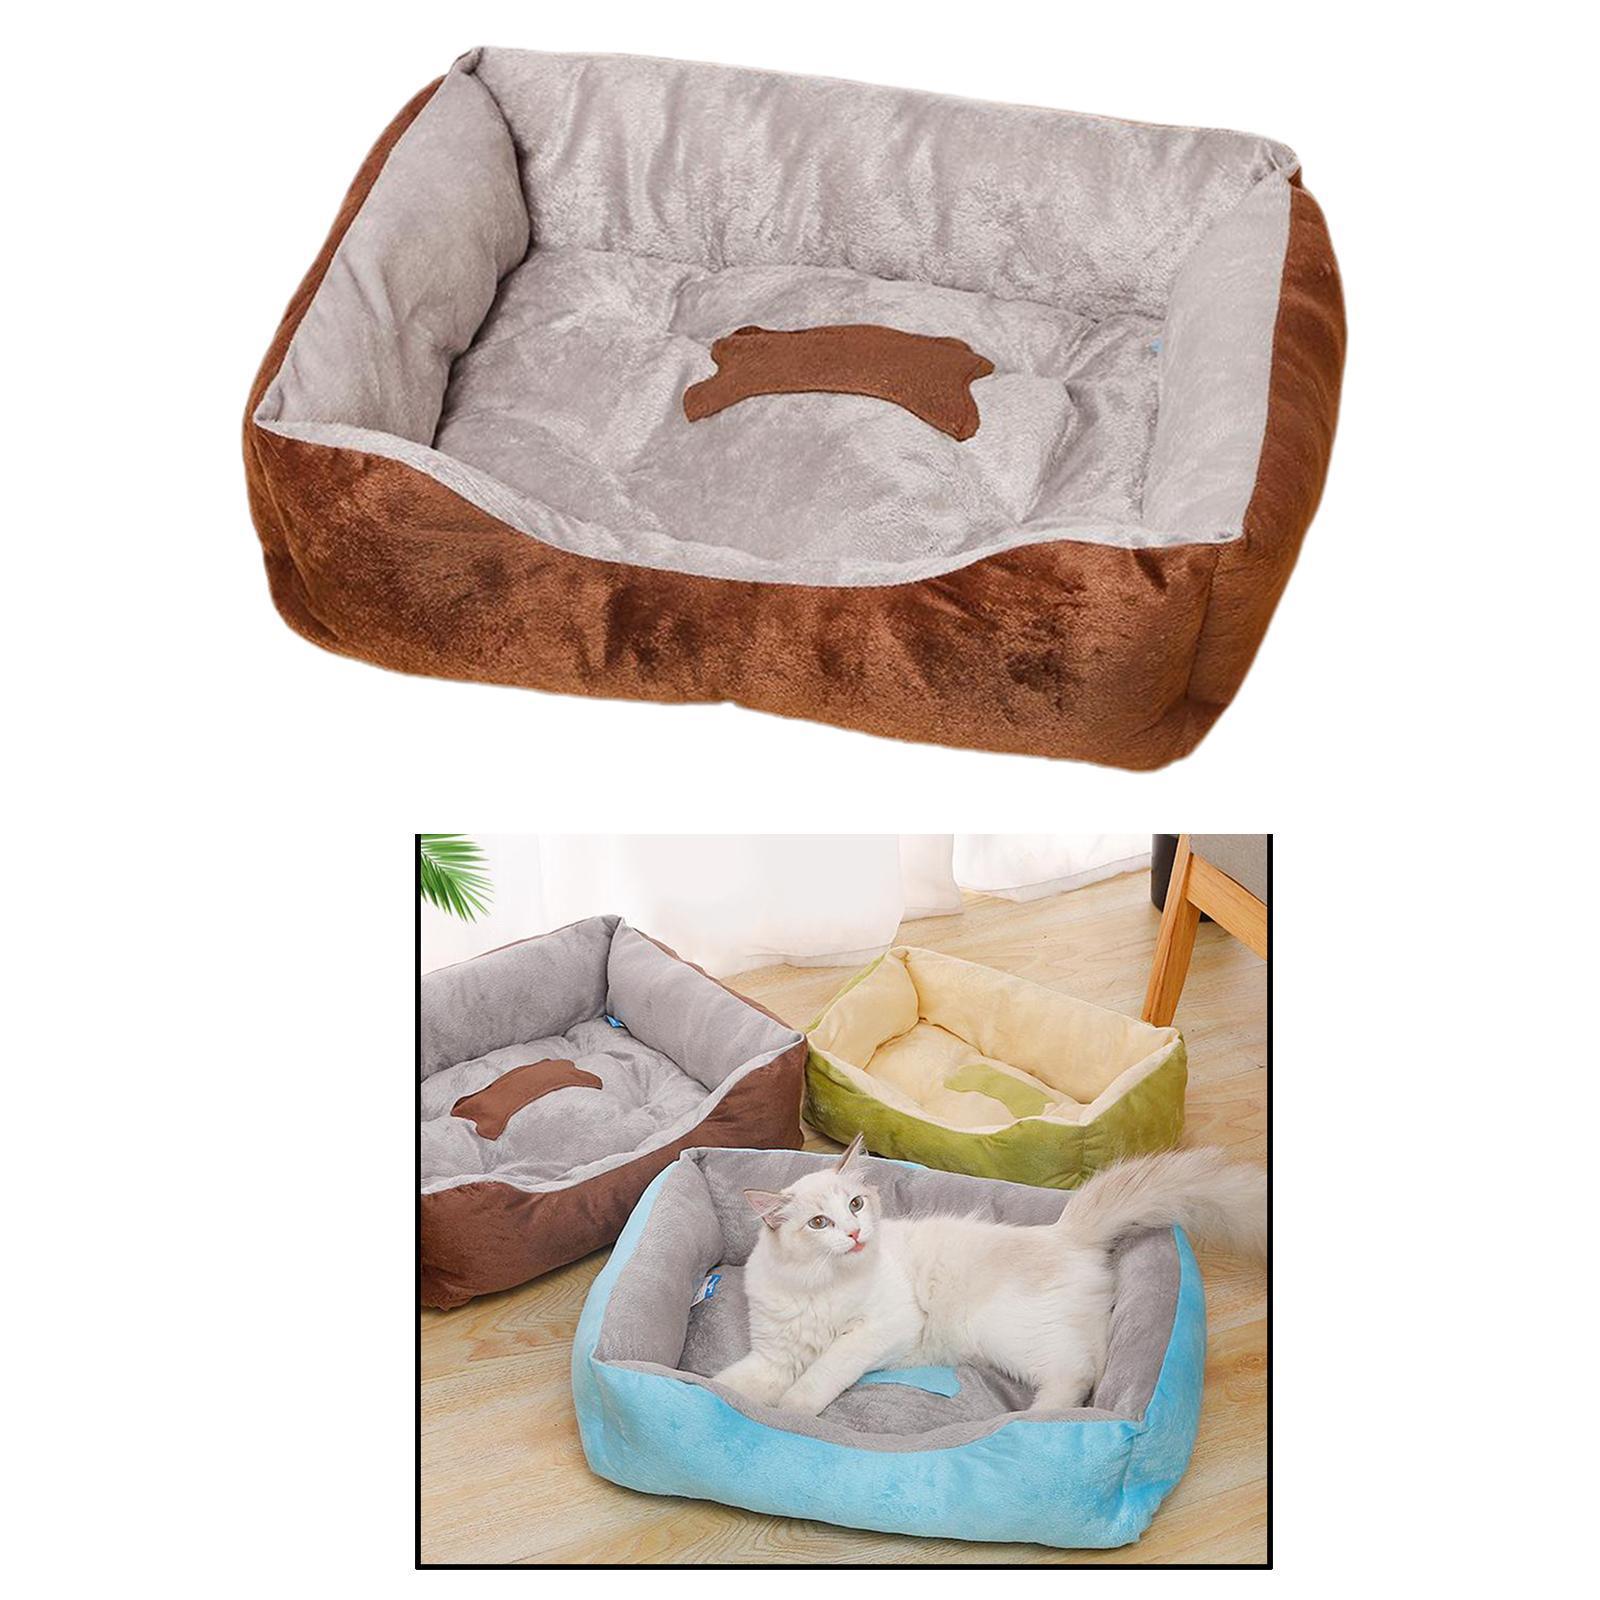 Indexbild 43 - Katze-Hund-Bett-Pet-Kissen-Betten-Haus-Schlaf-Soft-Warmen-Zwinger-Decke-Nest